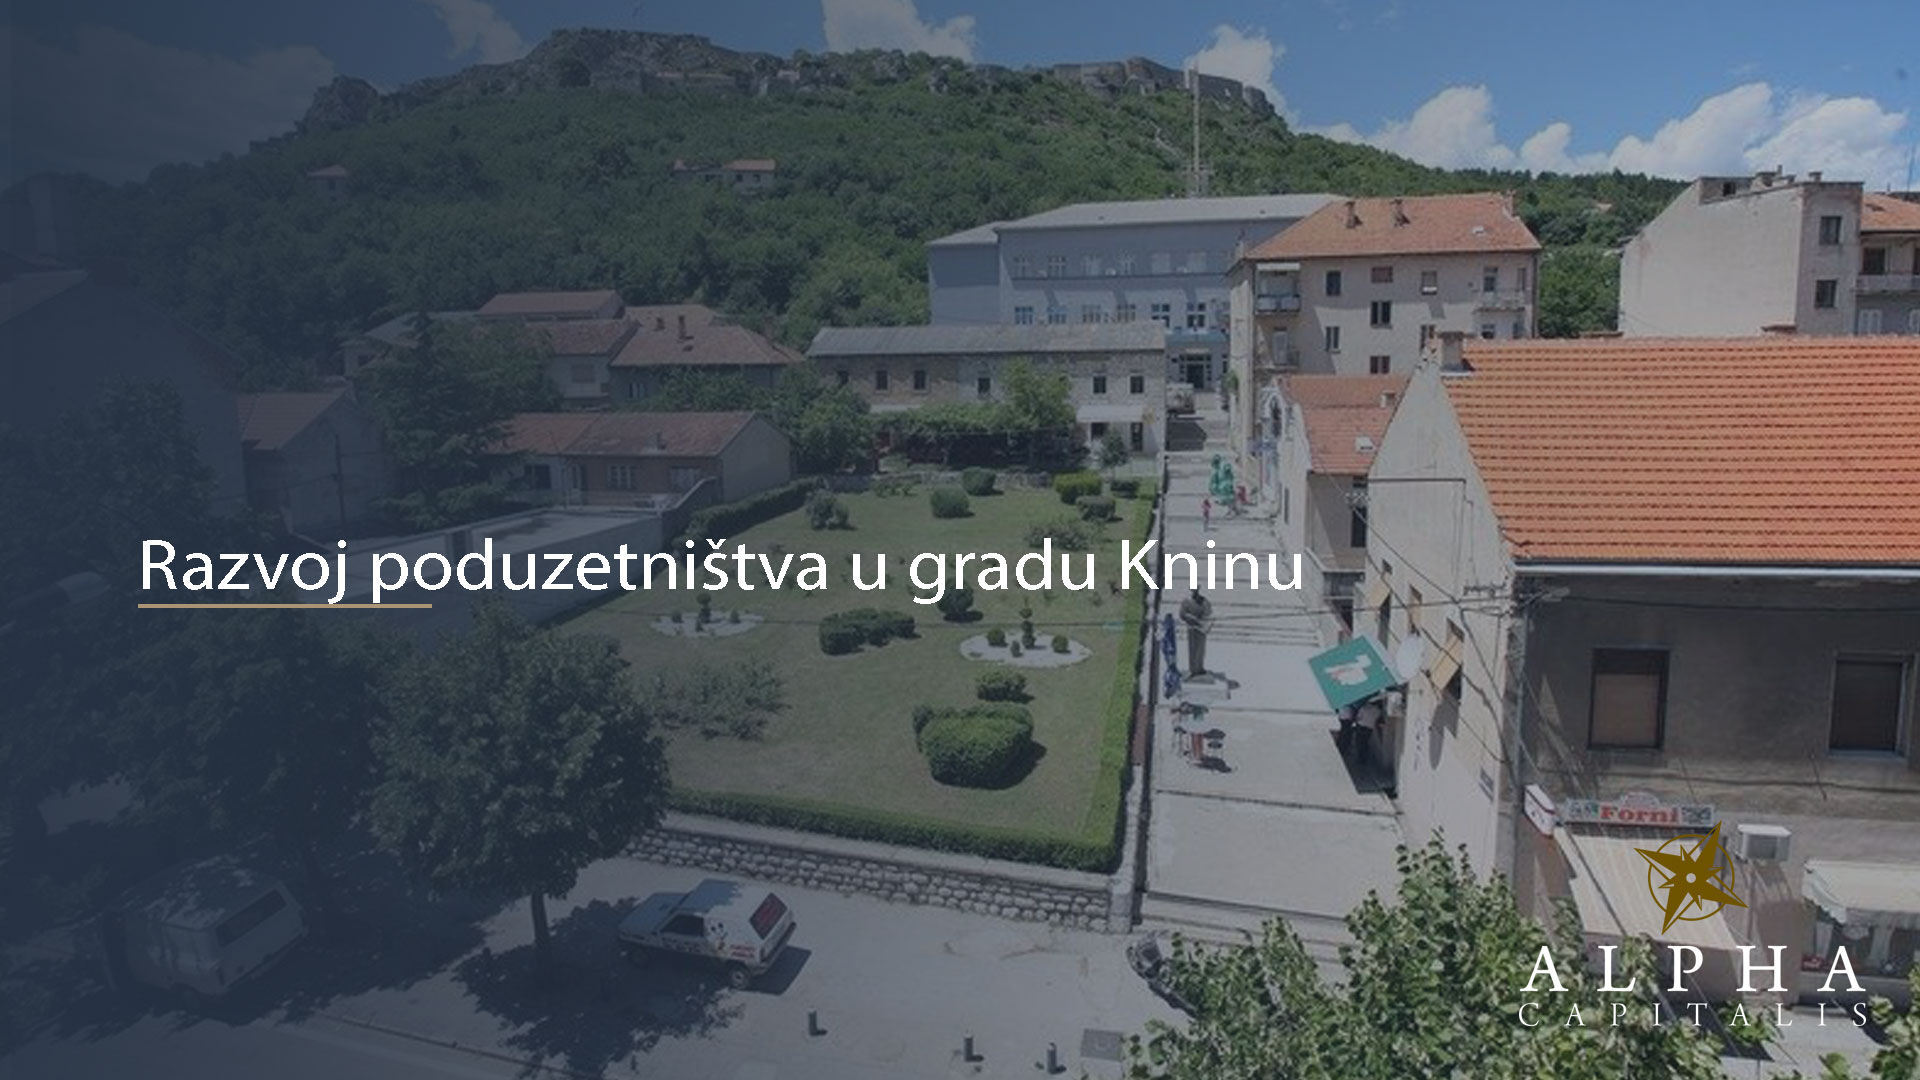 alpha-capitalis-Razvoj-poduzetništva-u-gradu-Kninu